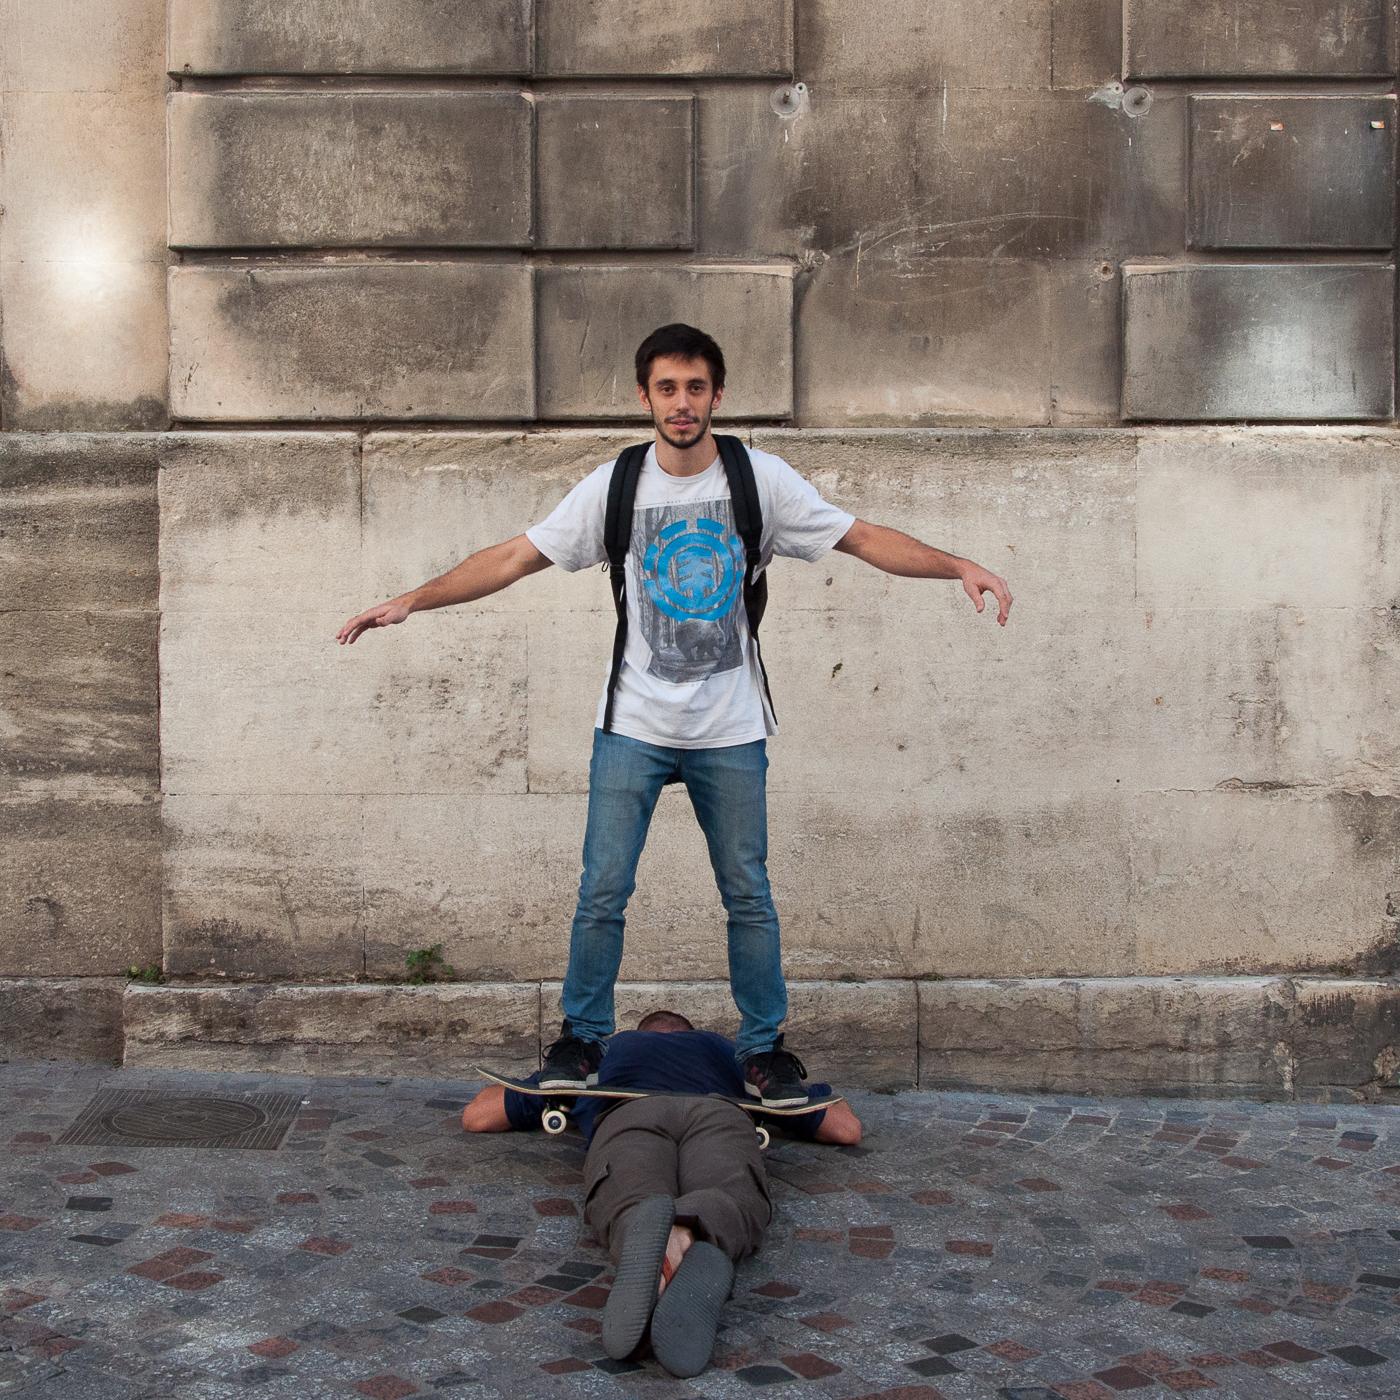 Arles 2015 - Skate